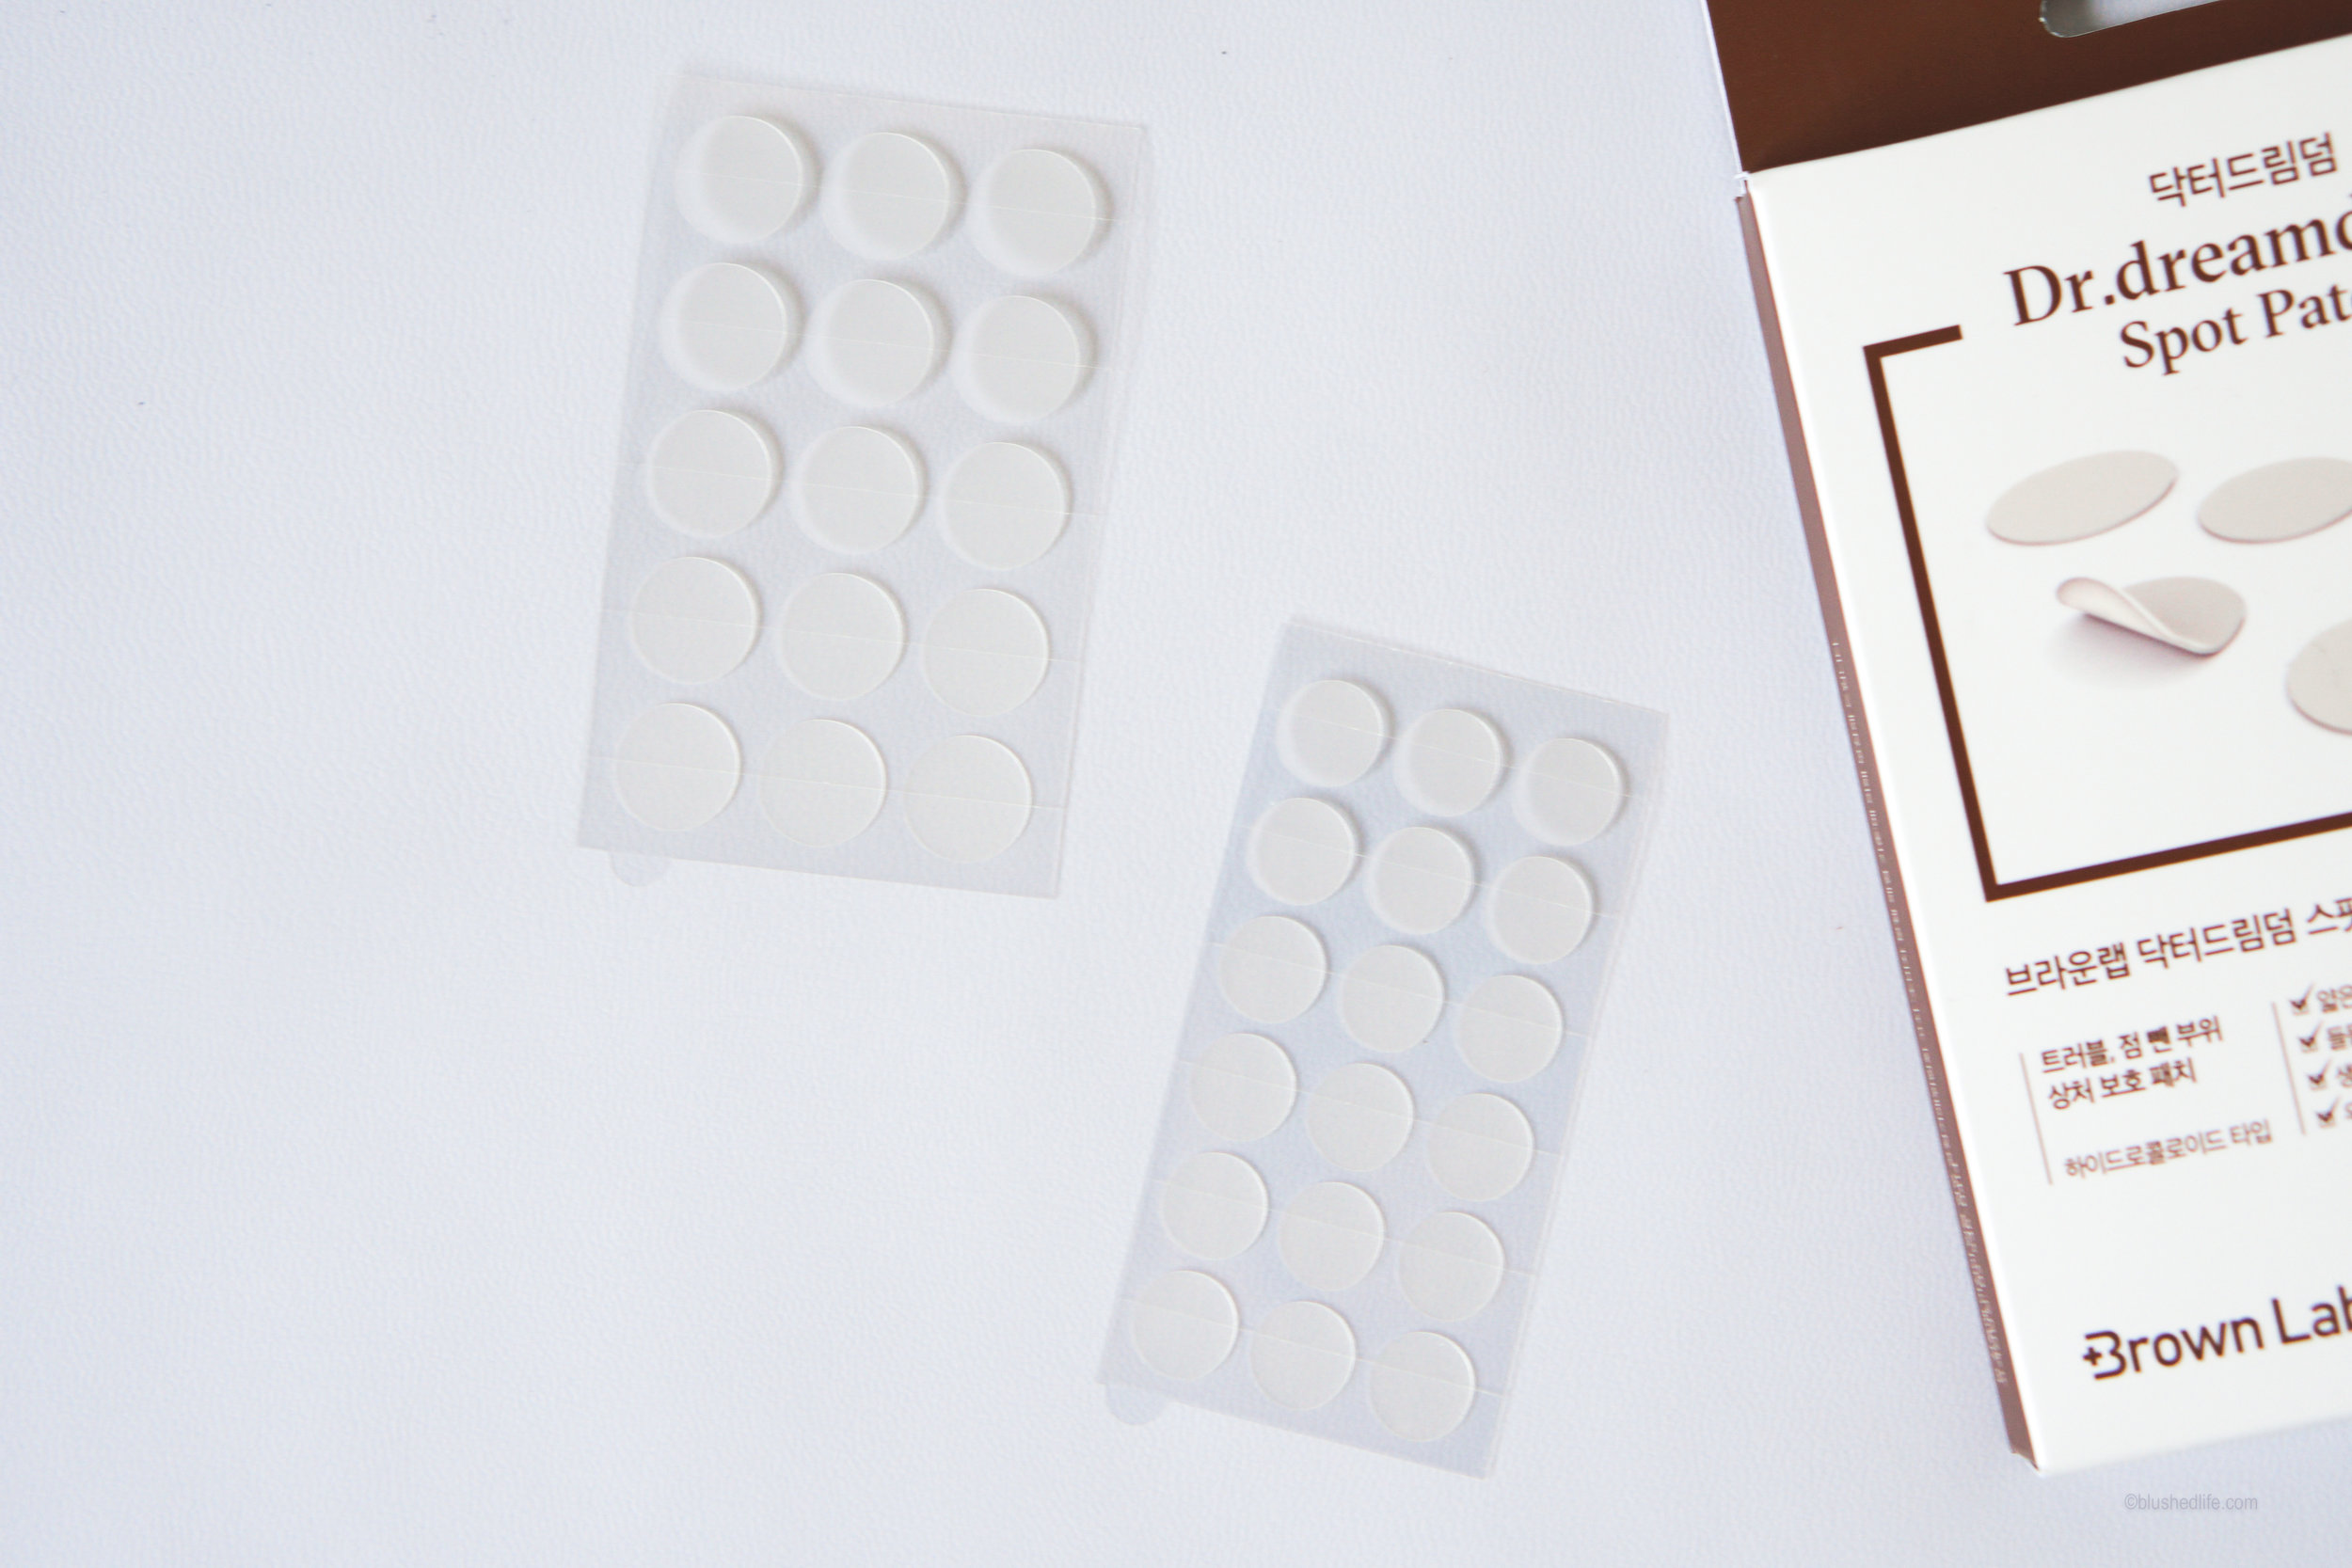 Best Pimple Patches Review Comparison_DSC07342-2.jpg